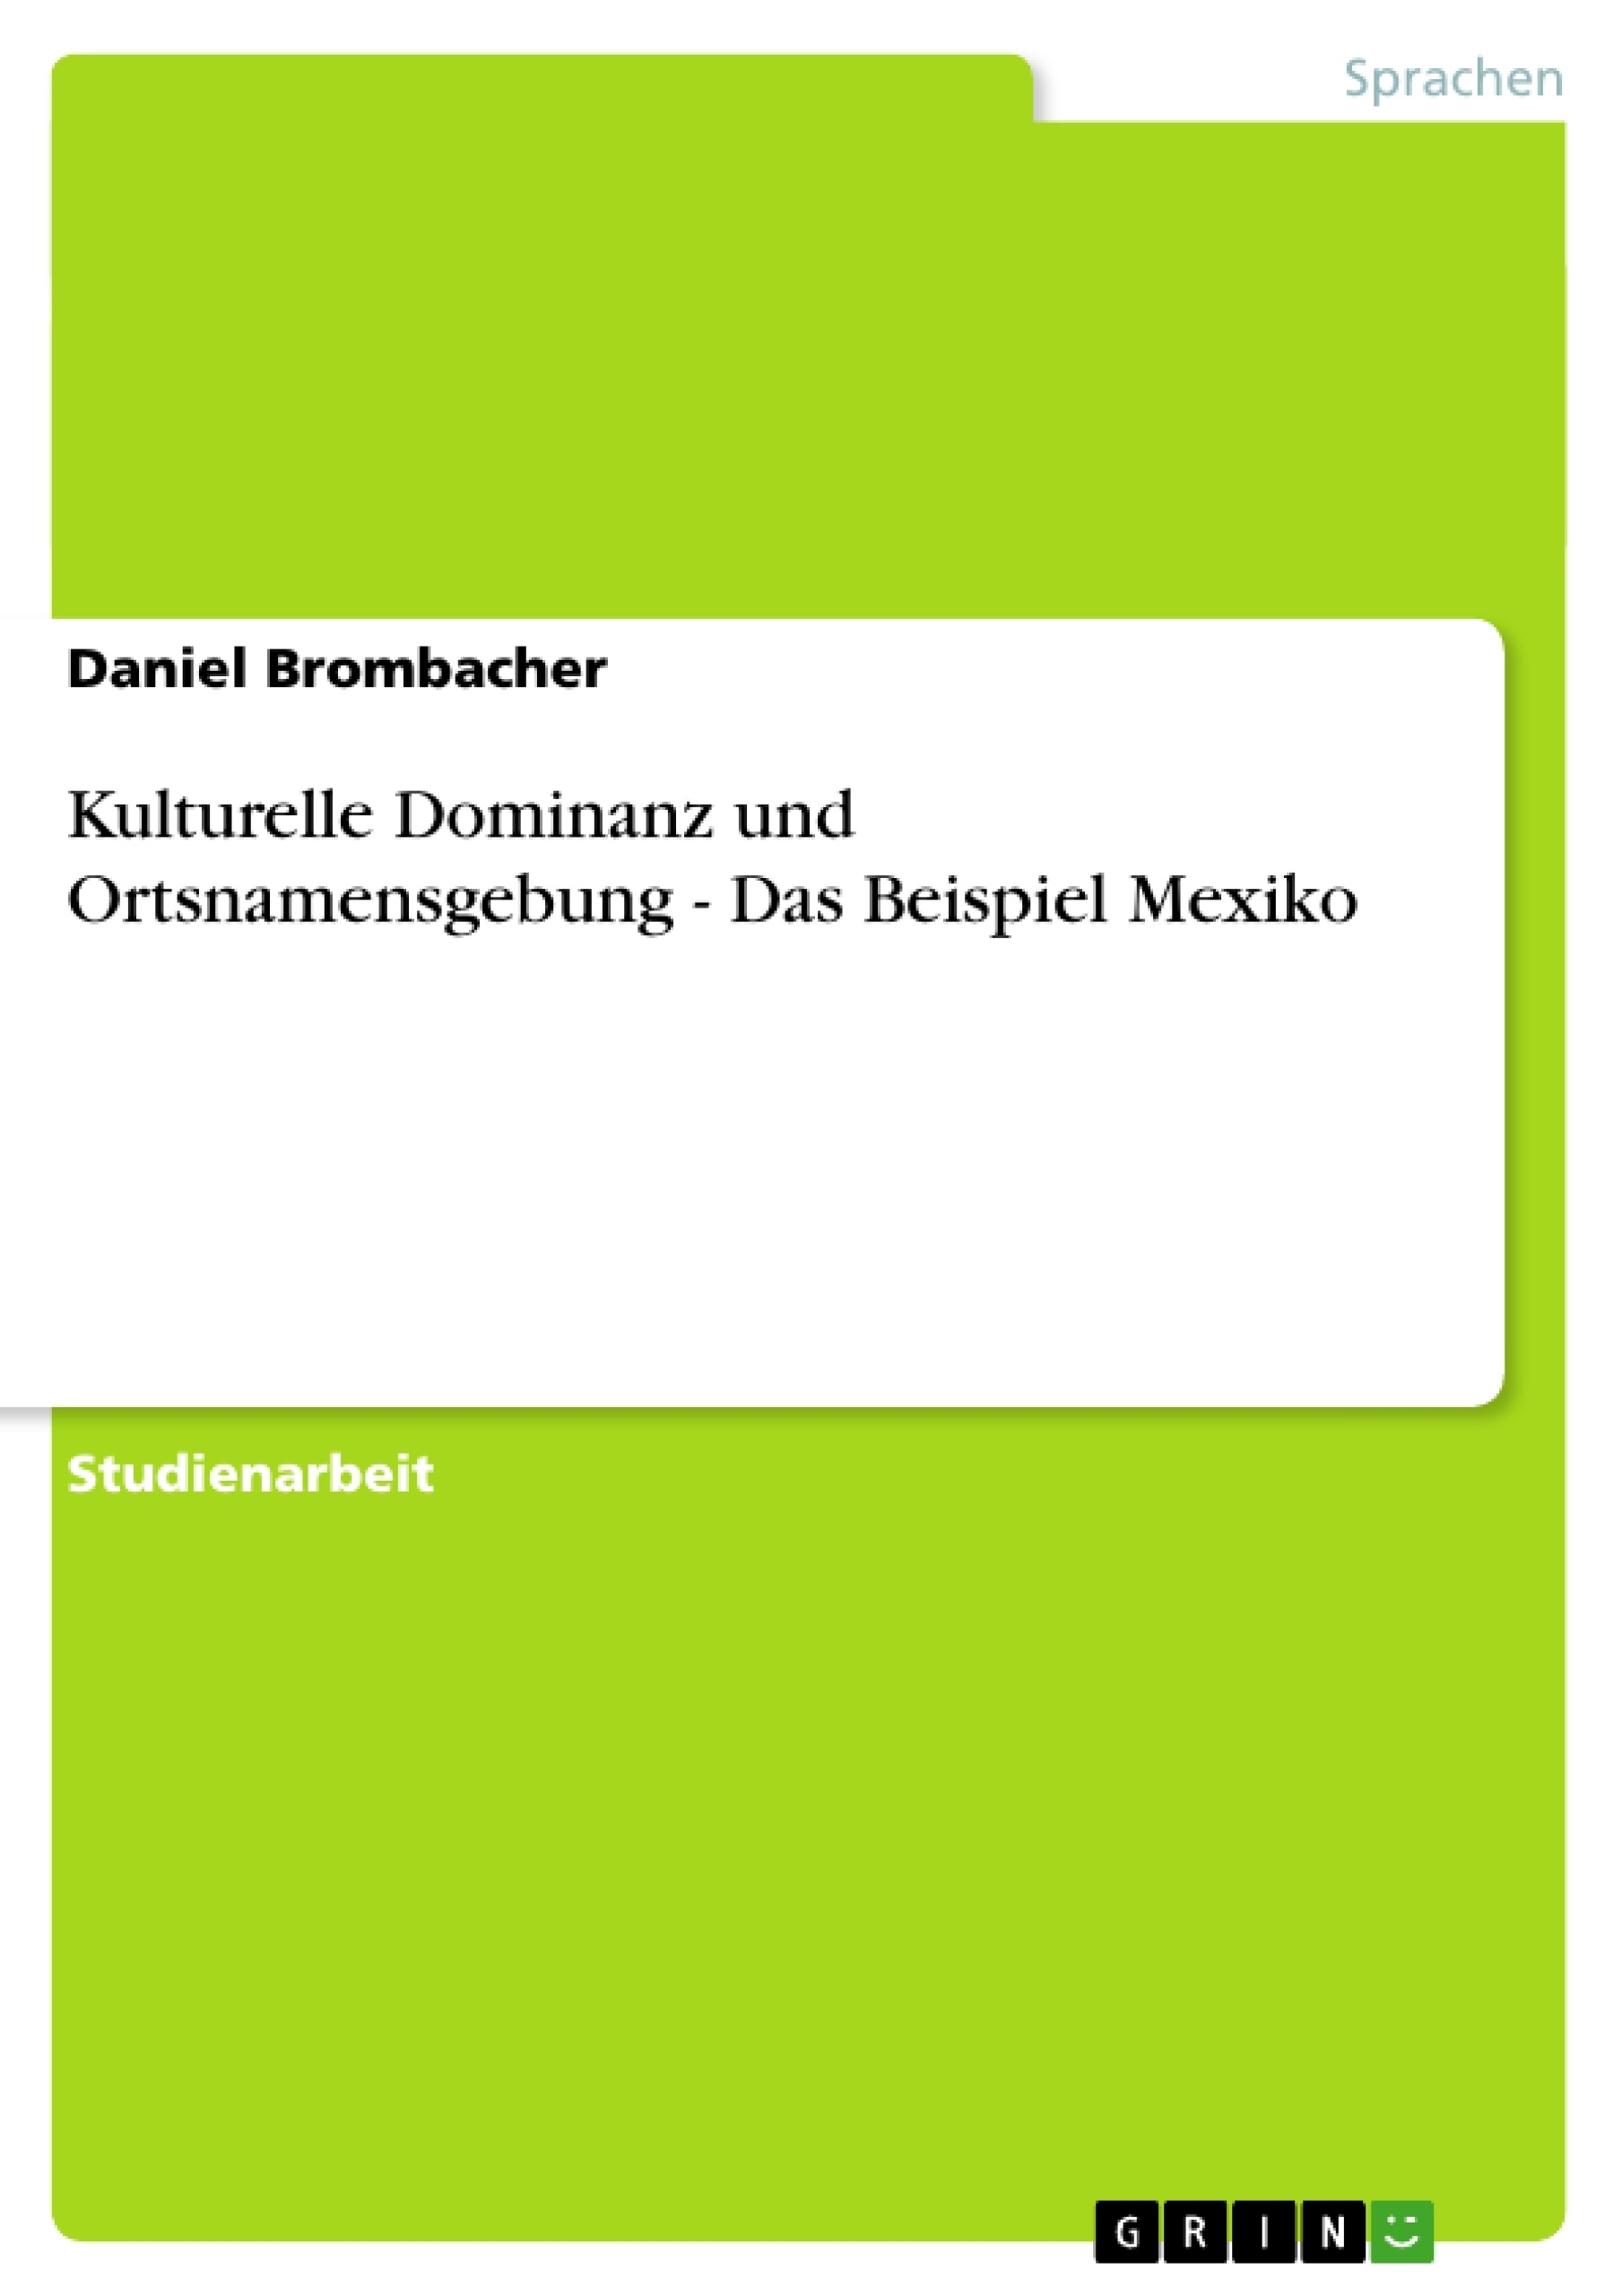 Titel: Kulturelle Dominanz und Ortsnamensgebung - Das Beispiel Mexiko